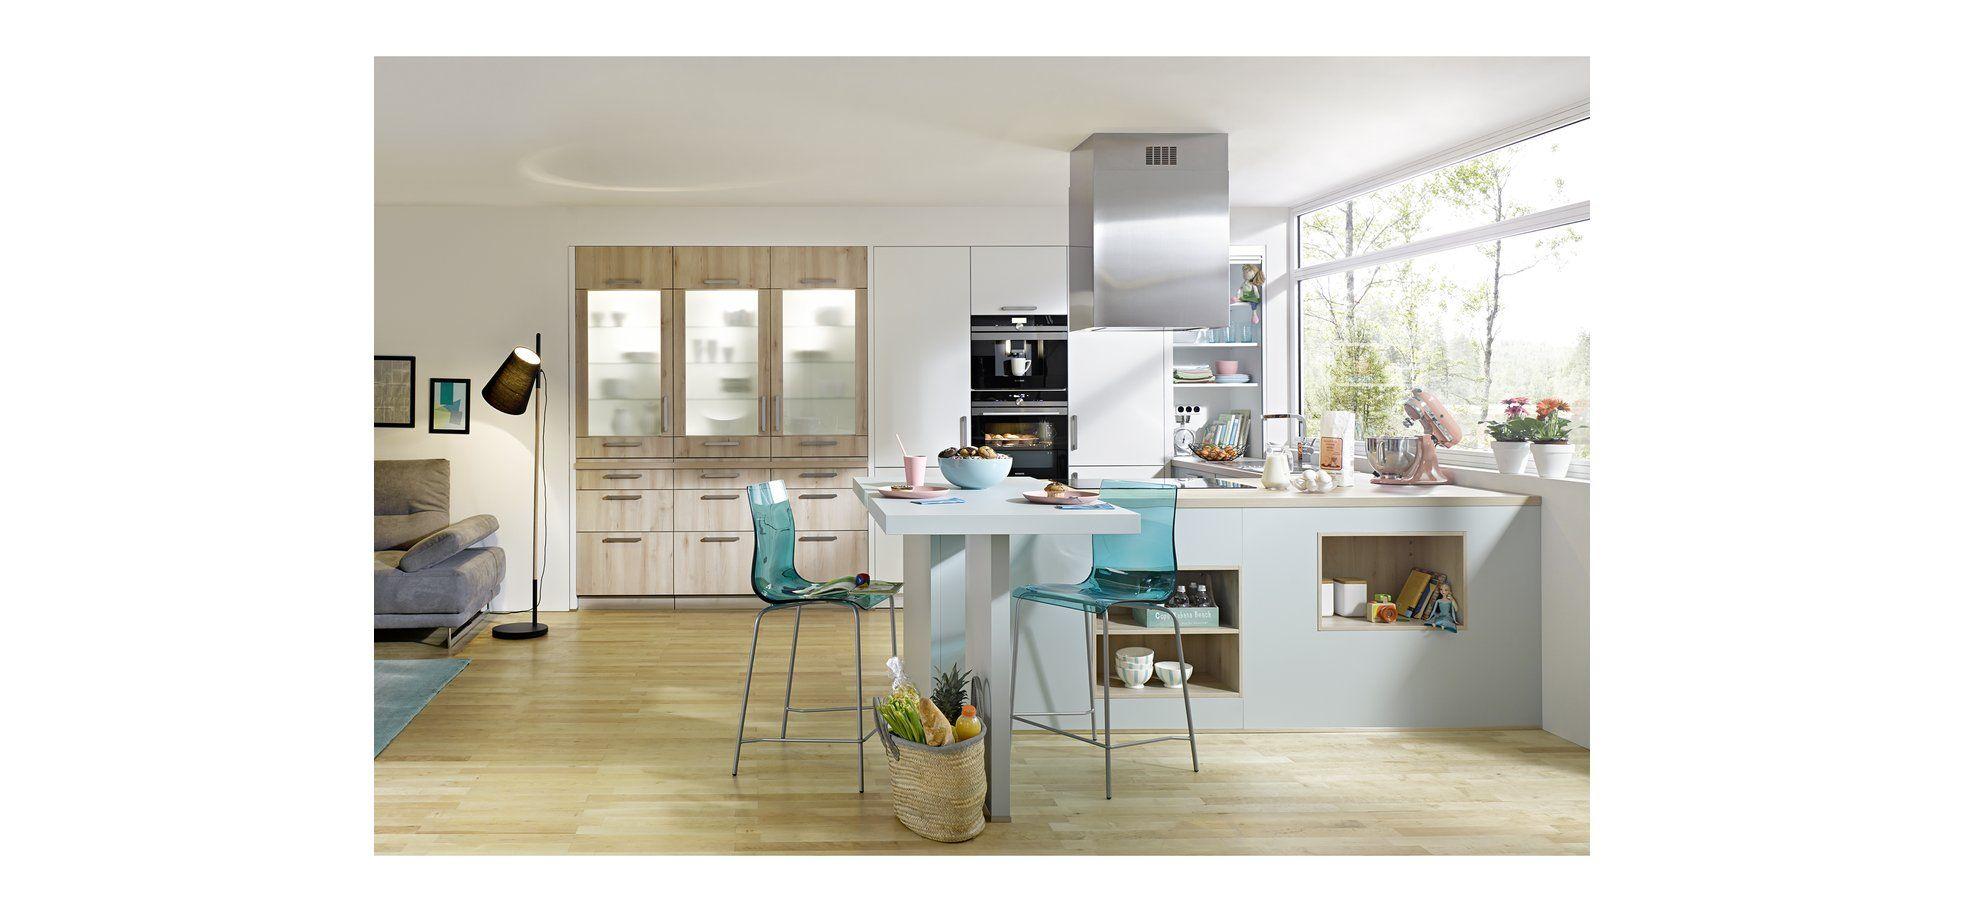 Tolle Abdeckungen Für Küchenstuhlrücken Fotos - Ideen Für Die Küche ...